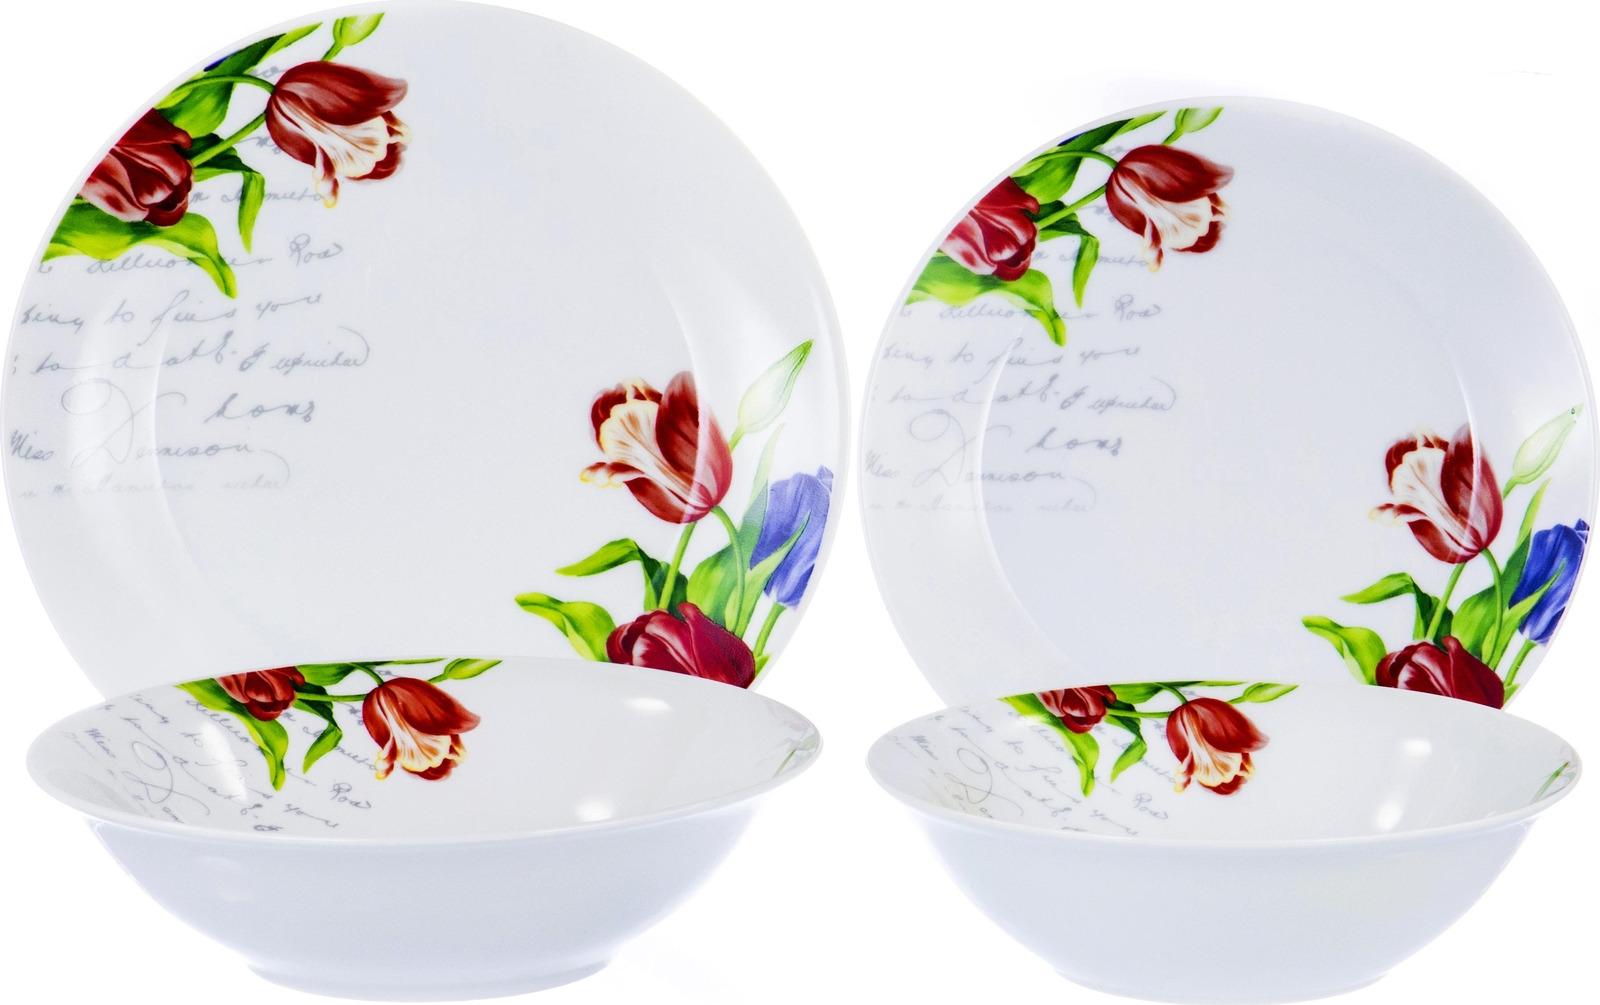 Набор столовой посуды Olaff Феникс, 103-02014, разноцветный, 19 предметов набор столовой посуды olaff красные цветы 19 предметов